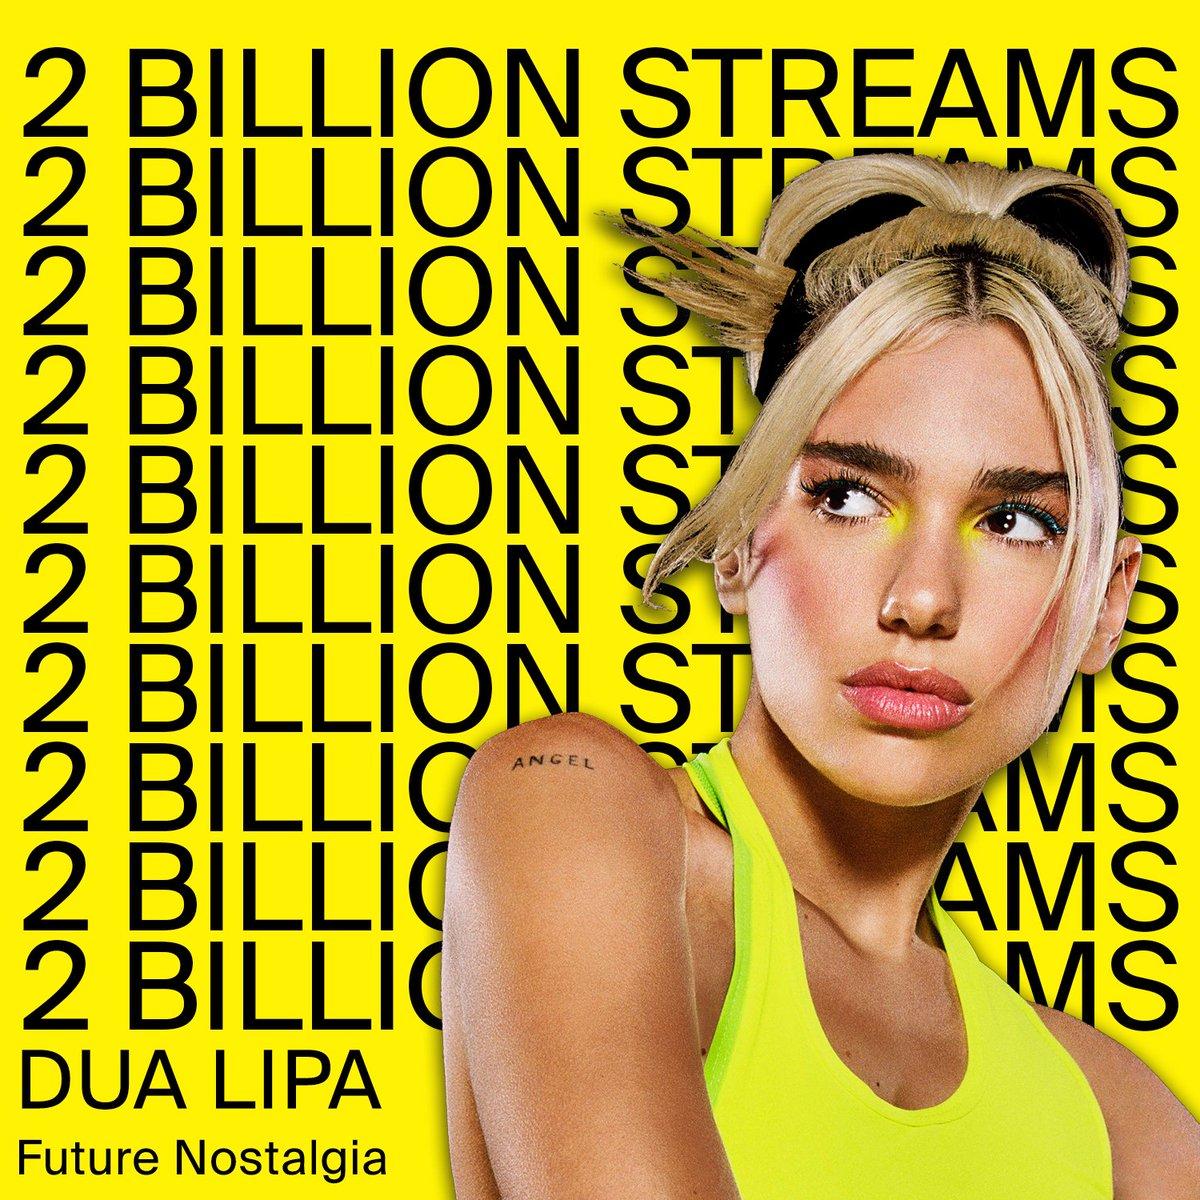 ❣️2 BILLION STREAMS on @DUALIPAs Future Nostalgia❣️